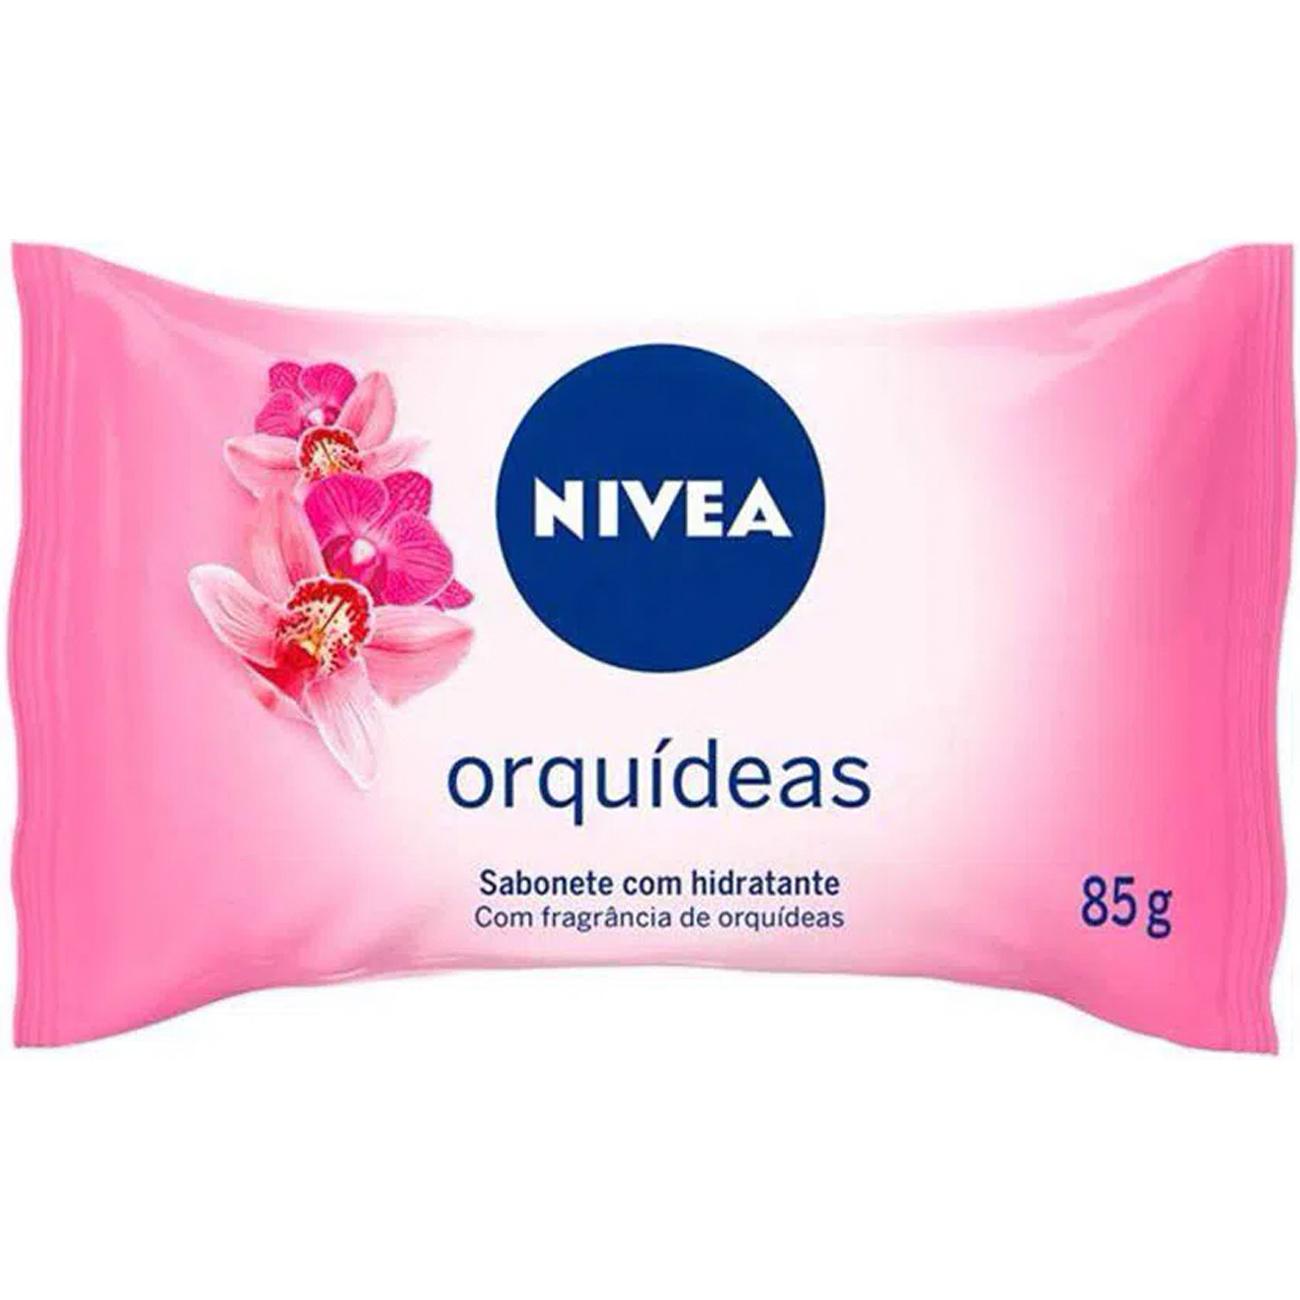 Sabonete em Barra Nivea Hidratante 85G Orquideas